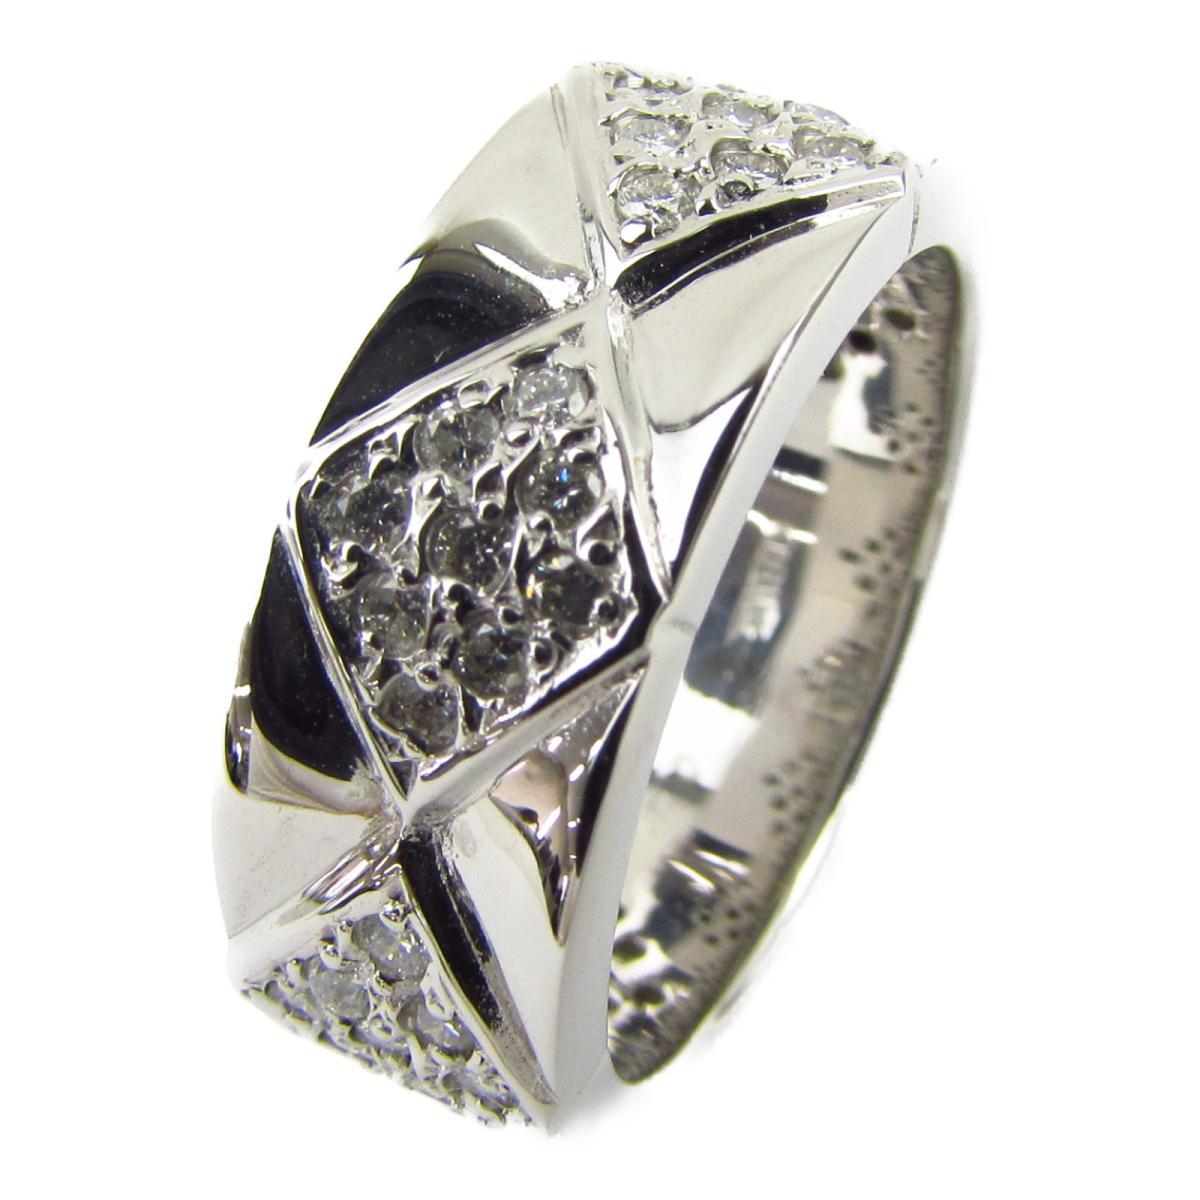 ジュエリー ダイヤモンド リング 指輪 ノーブランドジュエリー レディース K18WG (750) ホワイトゴールド x ダイヤモンド0.41ct 【中古】 | JEWELRY BRANDOFF ブランドオフ アクセサリー